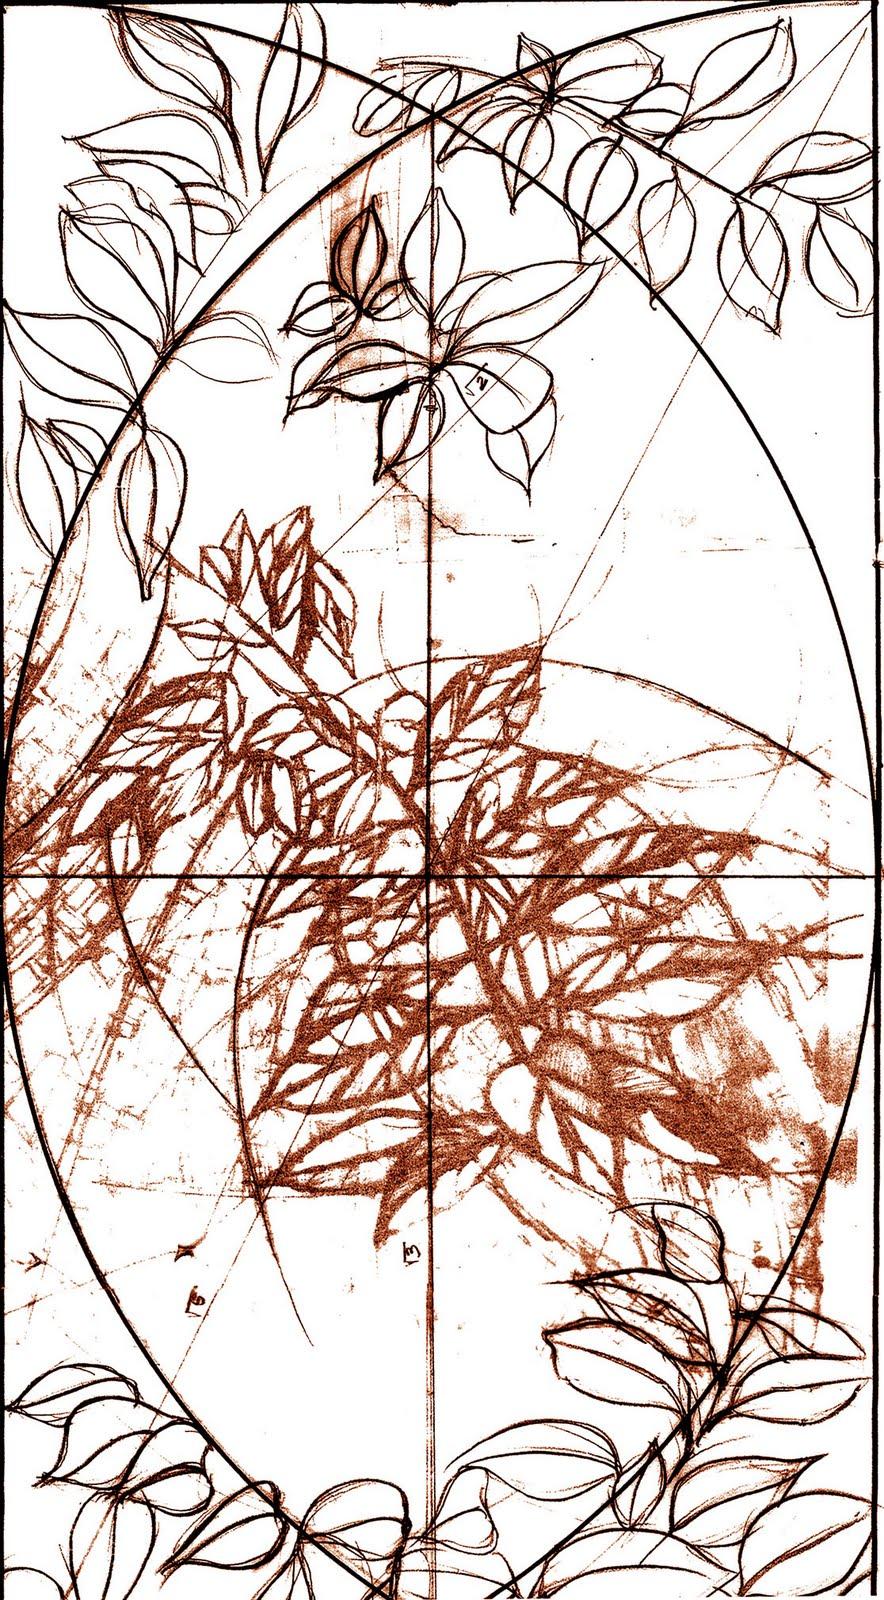 [backyard+leaves+sketch.JPG]